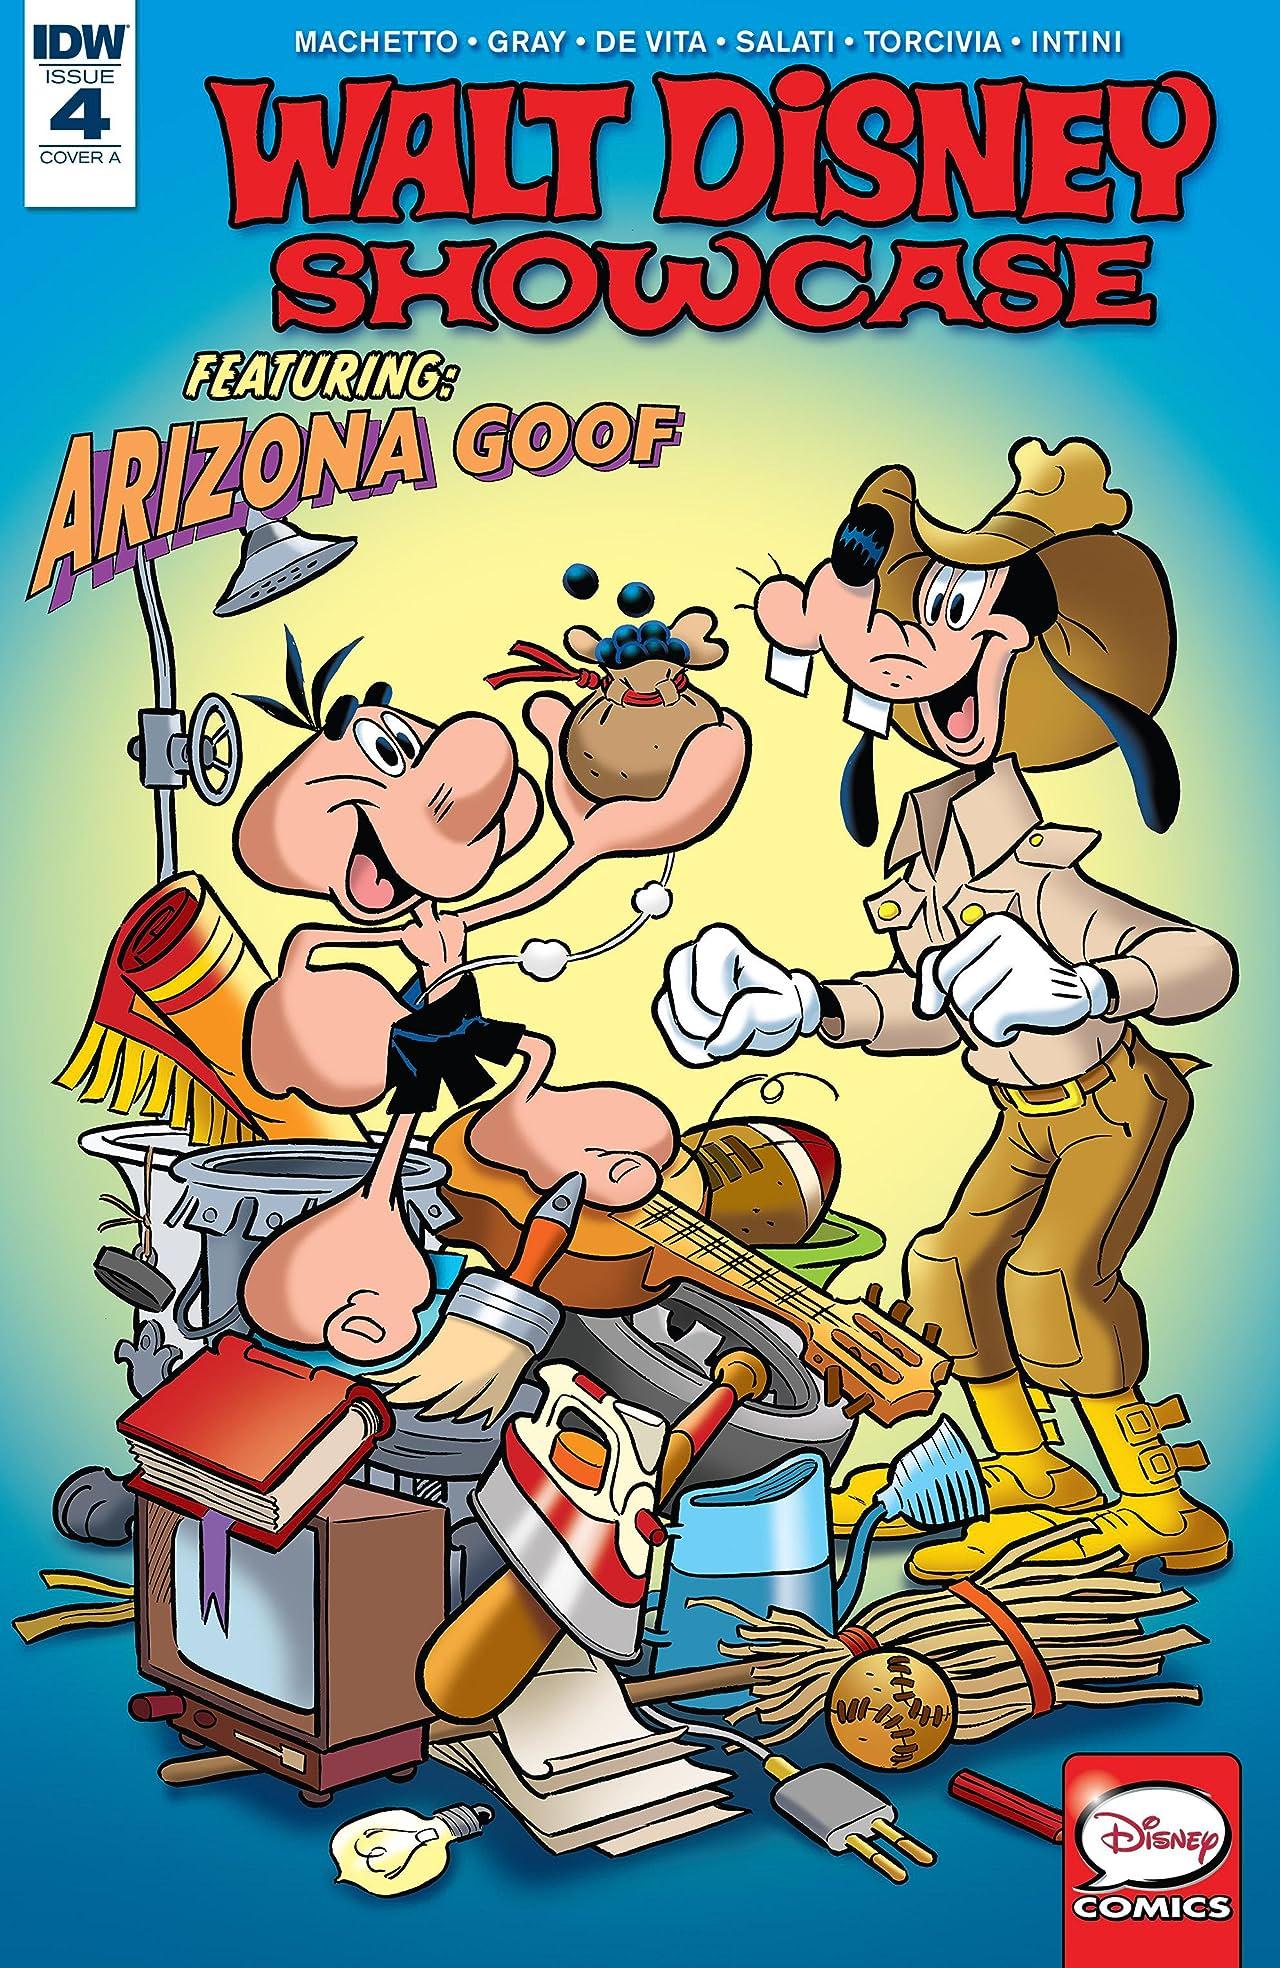 Walt Disney Showcase #4